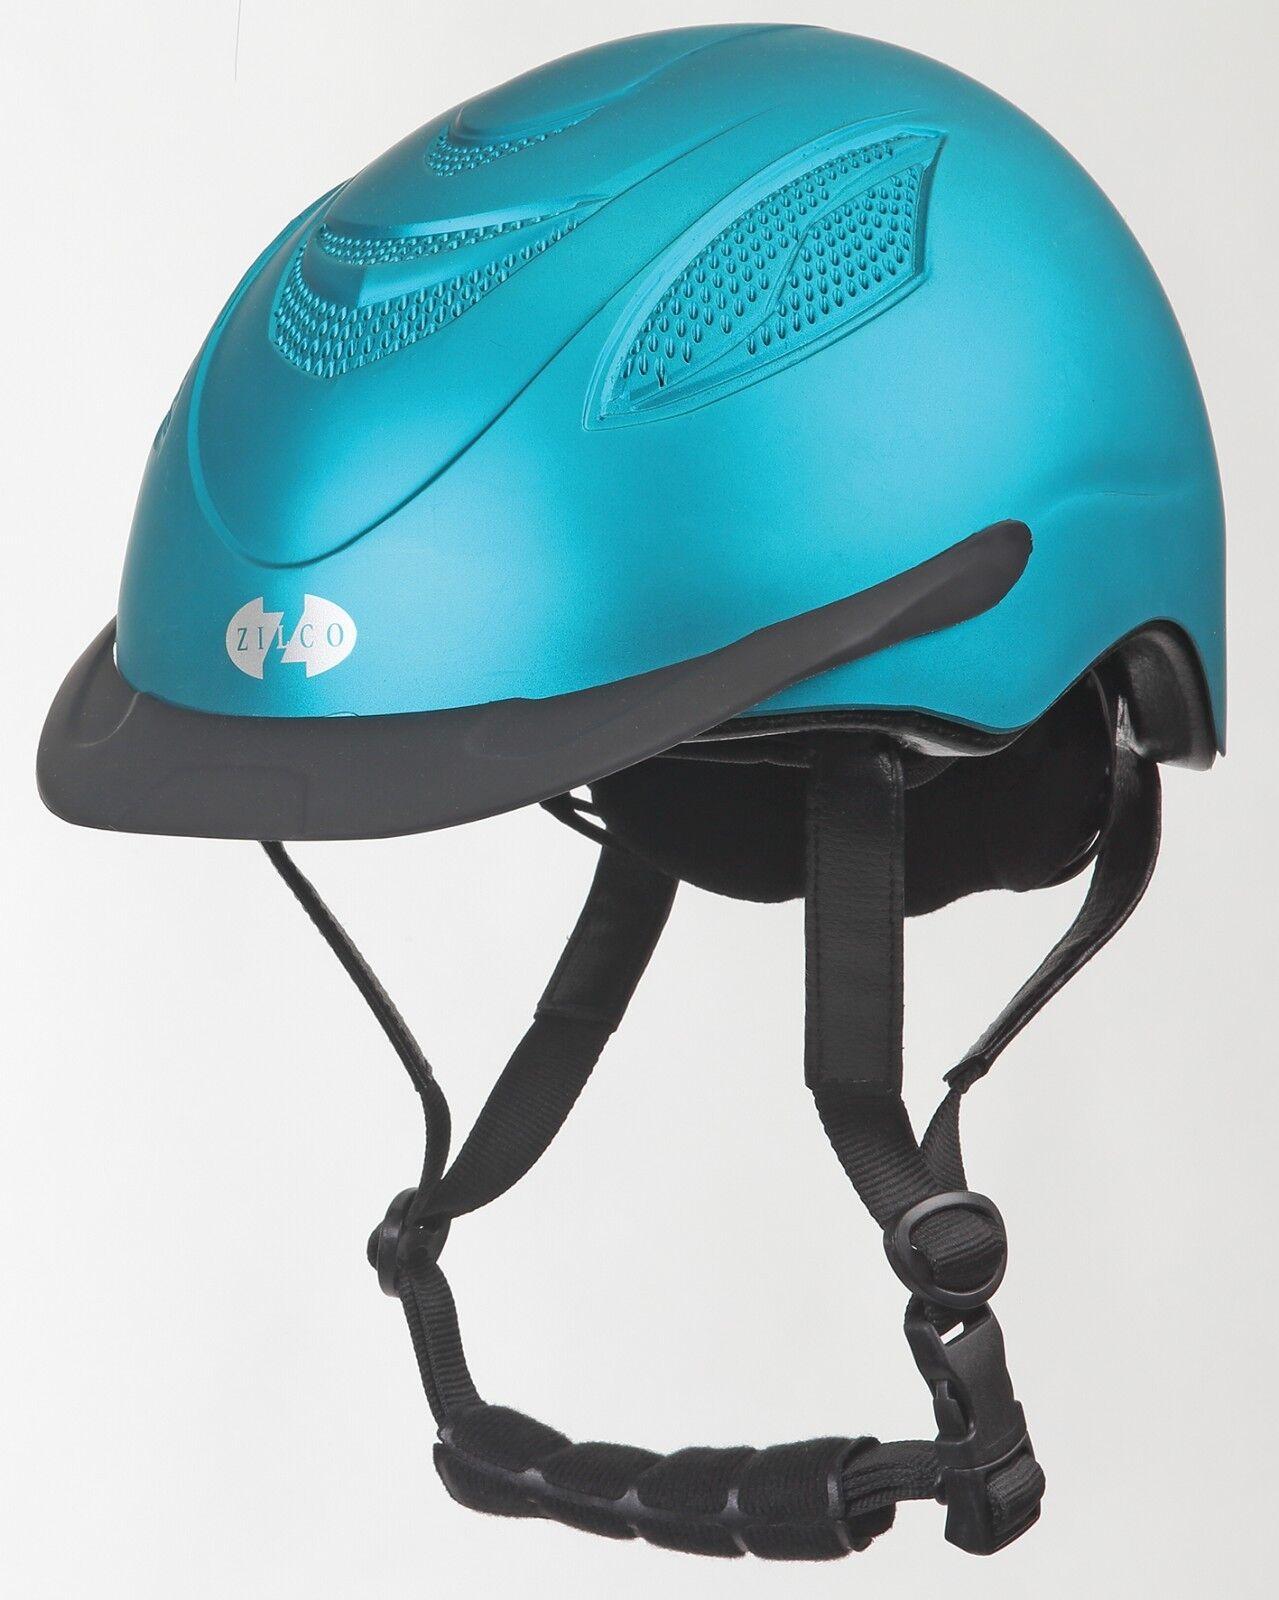 Zilco Oscar MM Helmet - Teal